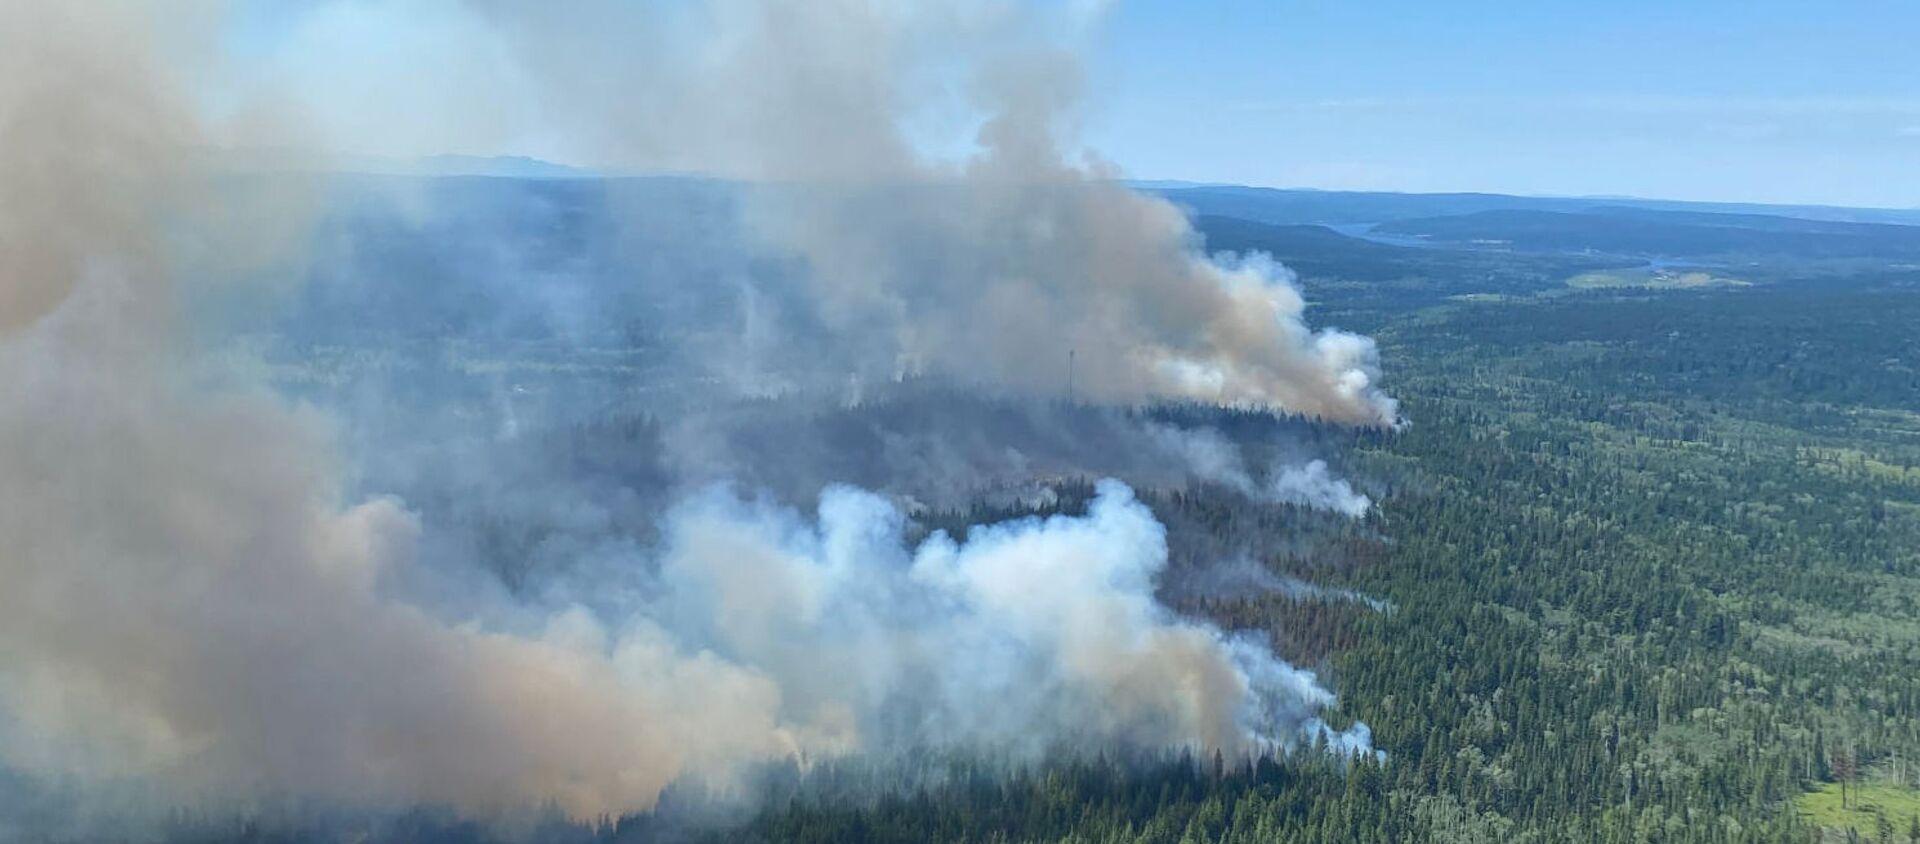 Un feu de forêt dans la province canadienne de Colombie-Britannique, le 2 juillet 2021 - Sputnik France, 1920, 05.07.2021